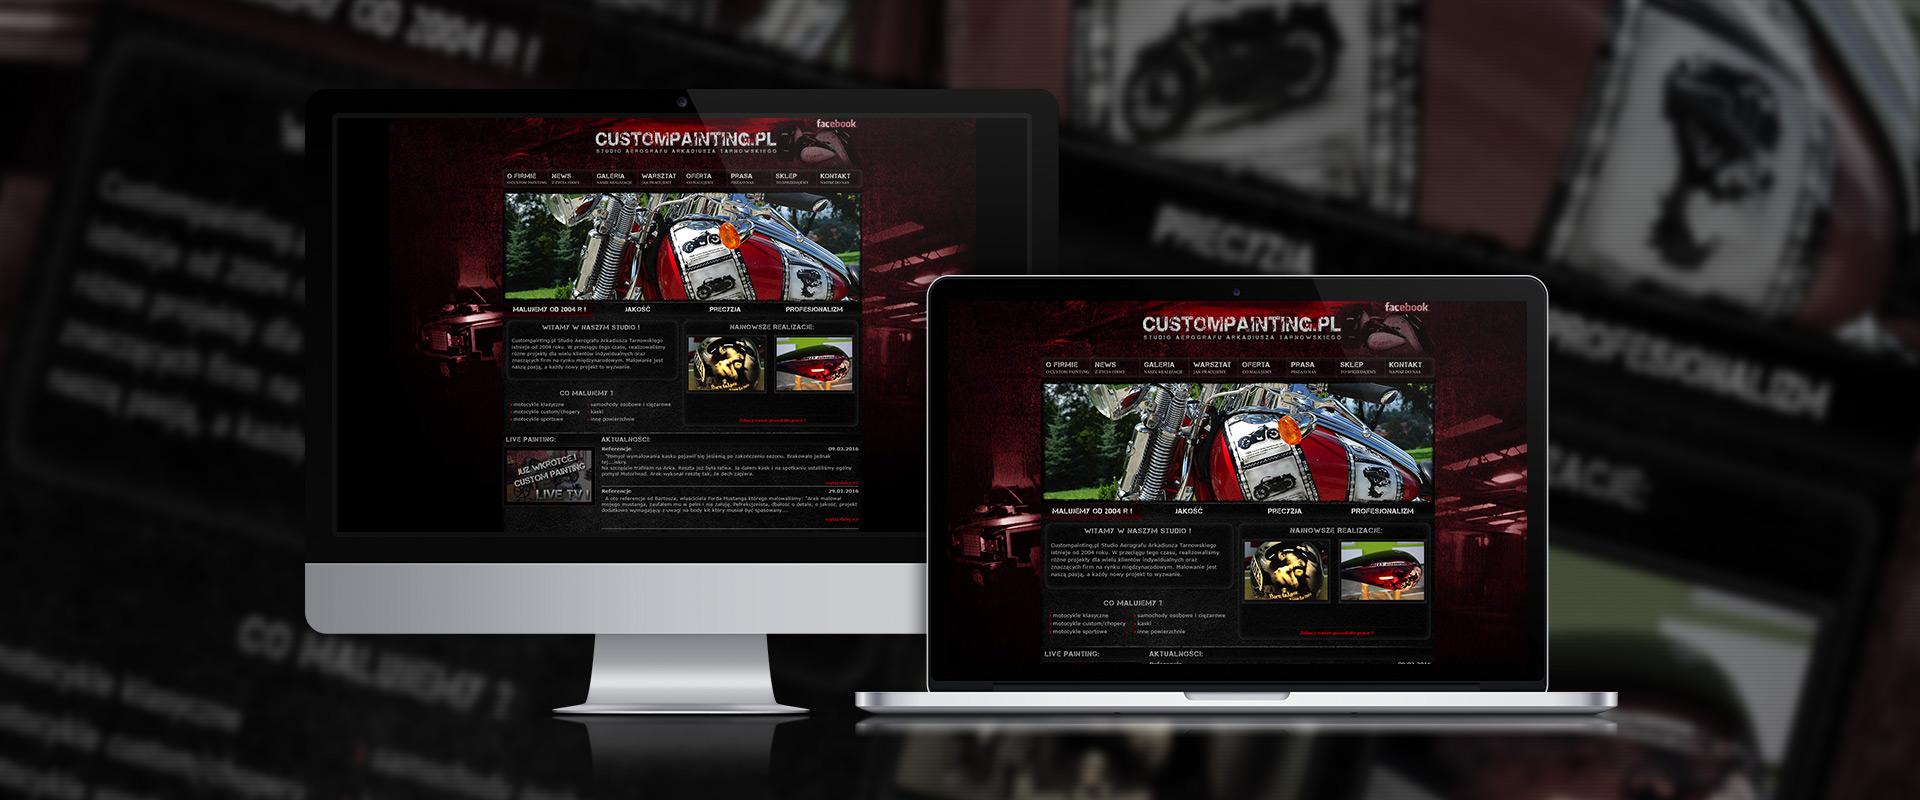 Custompainting Website hero image